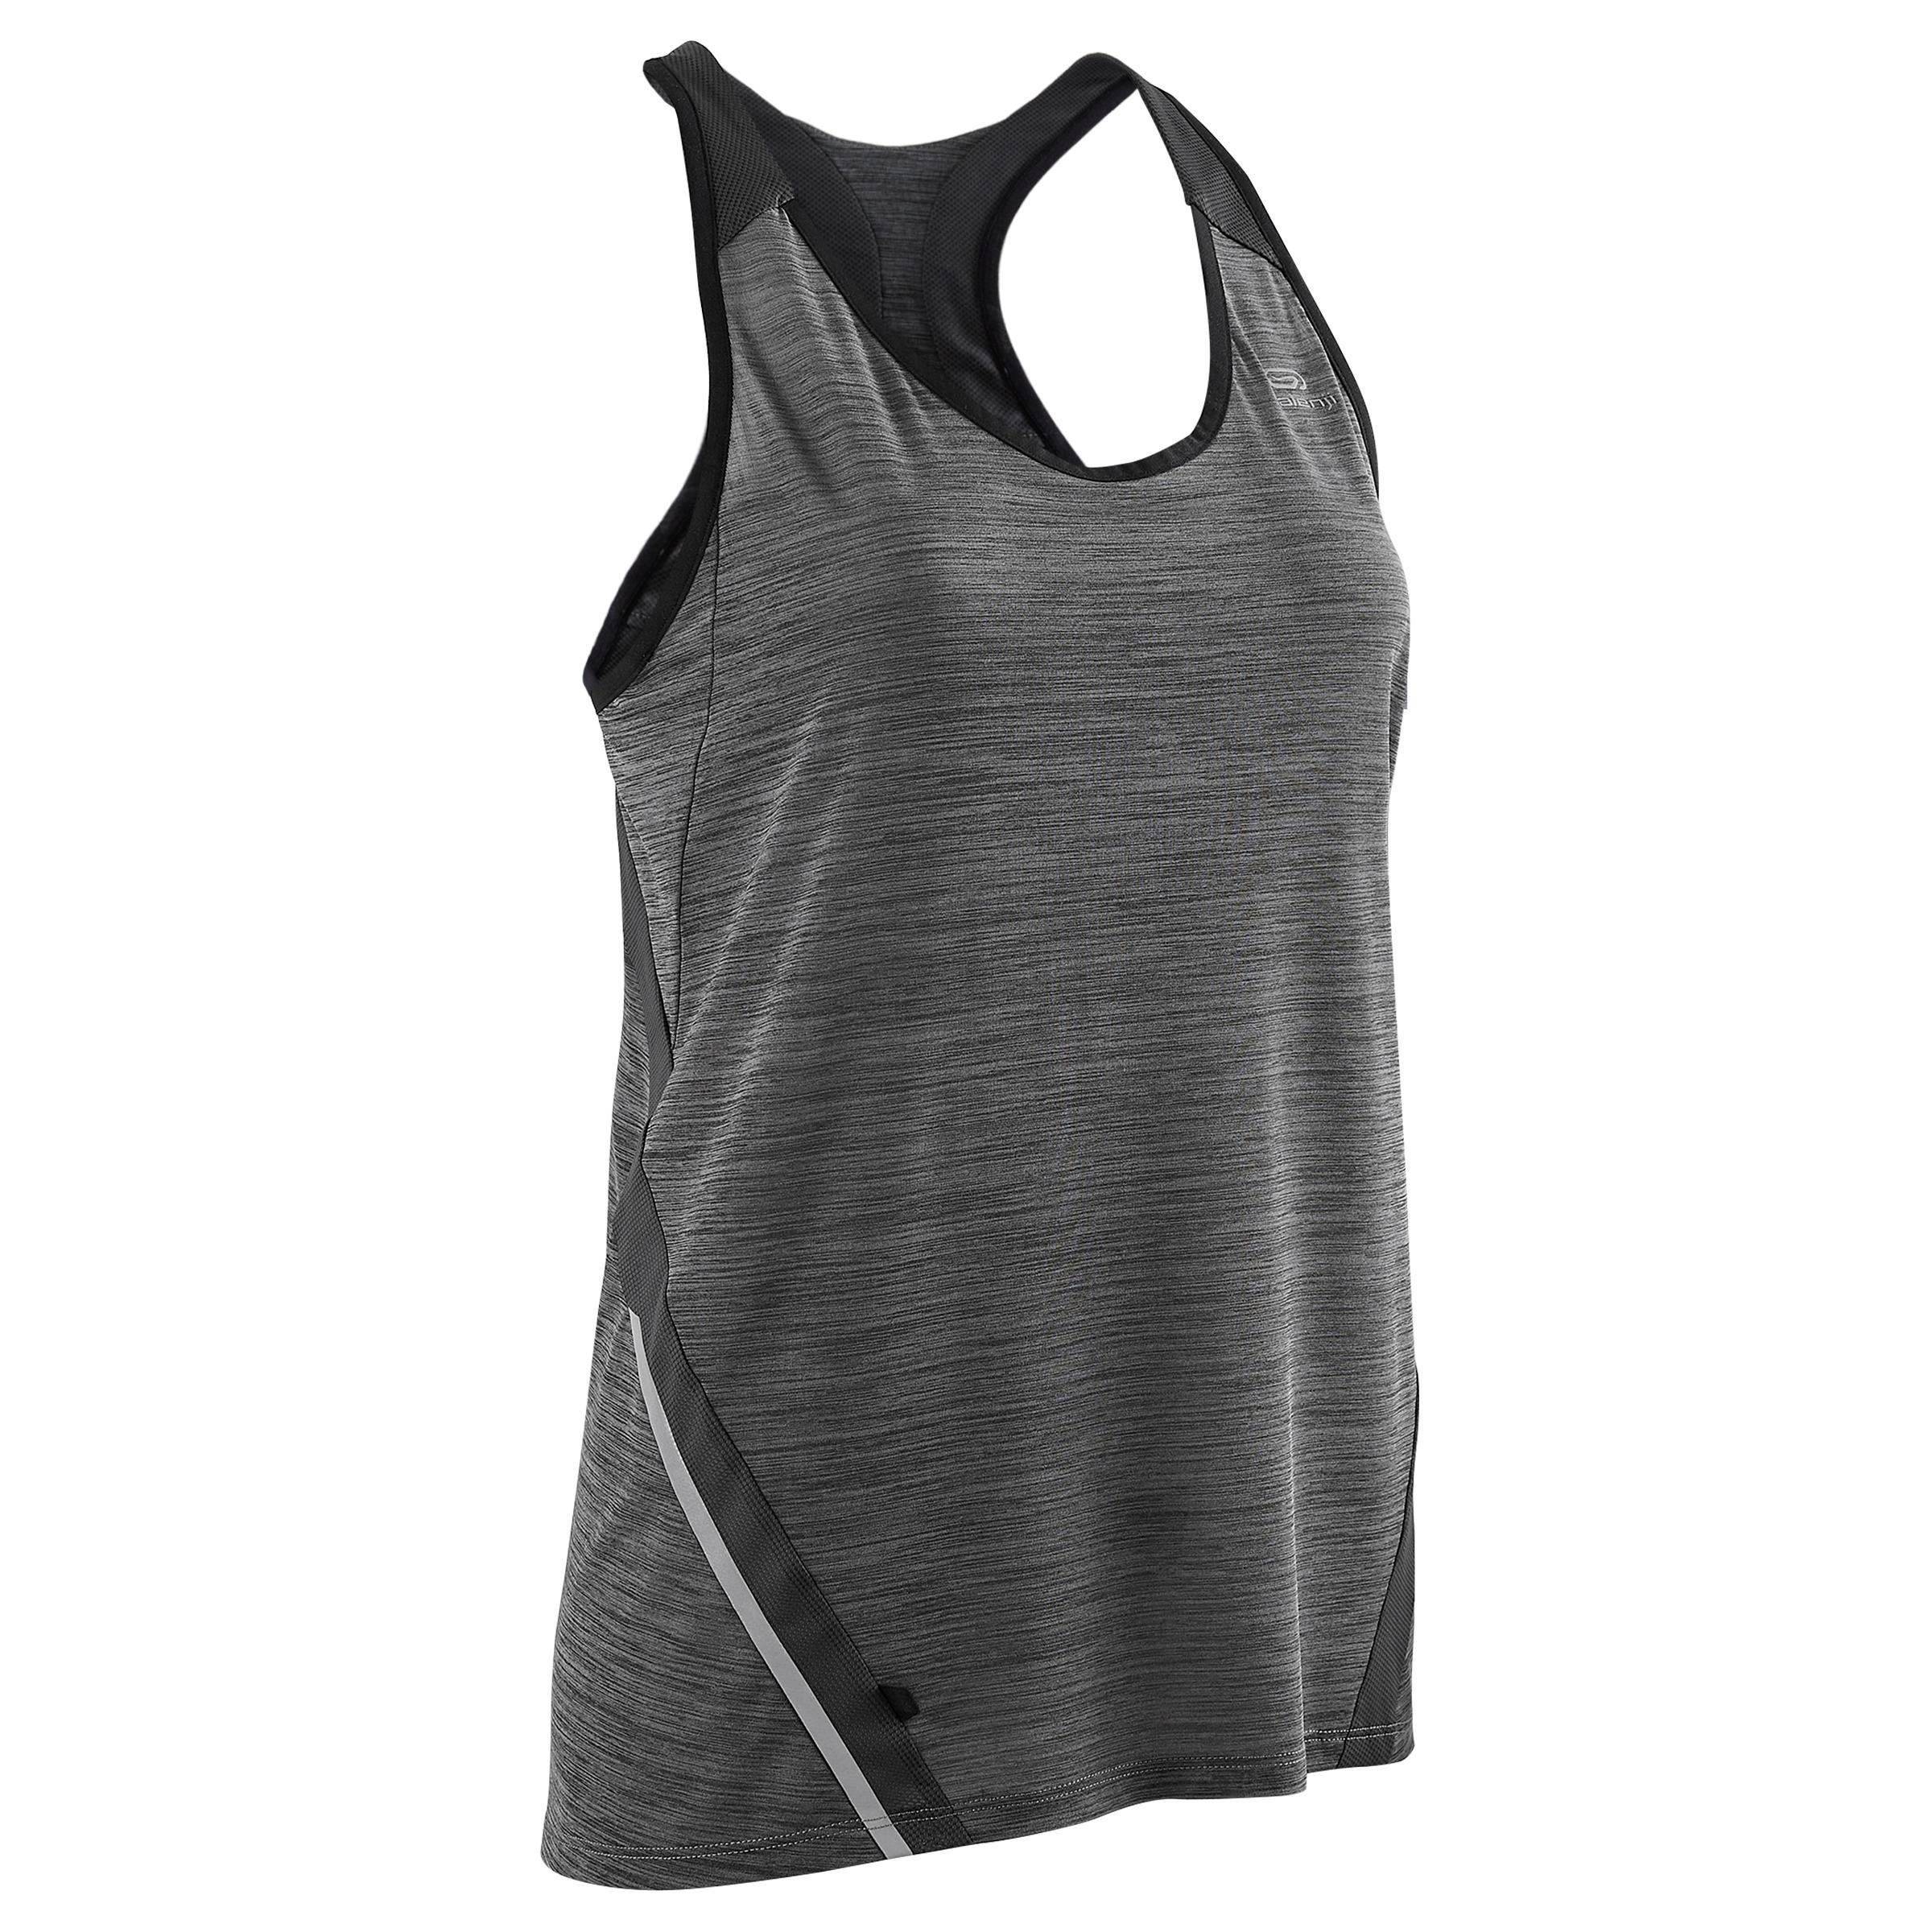 Lauftop Run Light Damen grau | Sportbekleidung > Sporttops > Lauftops | Grau | Kalenji